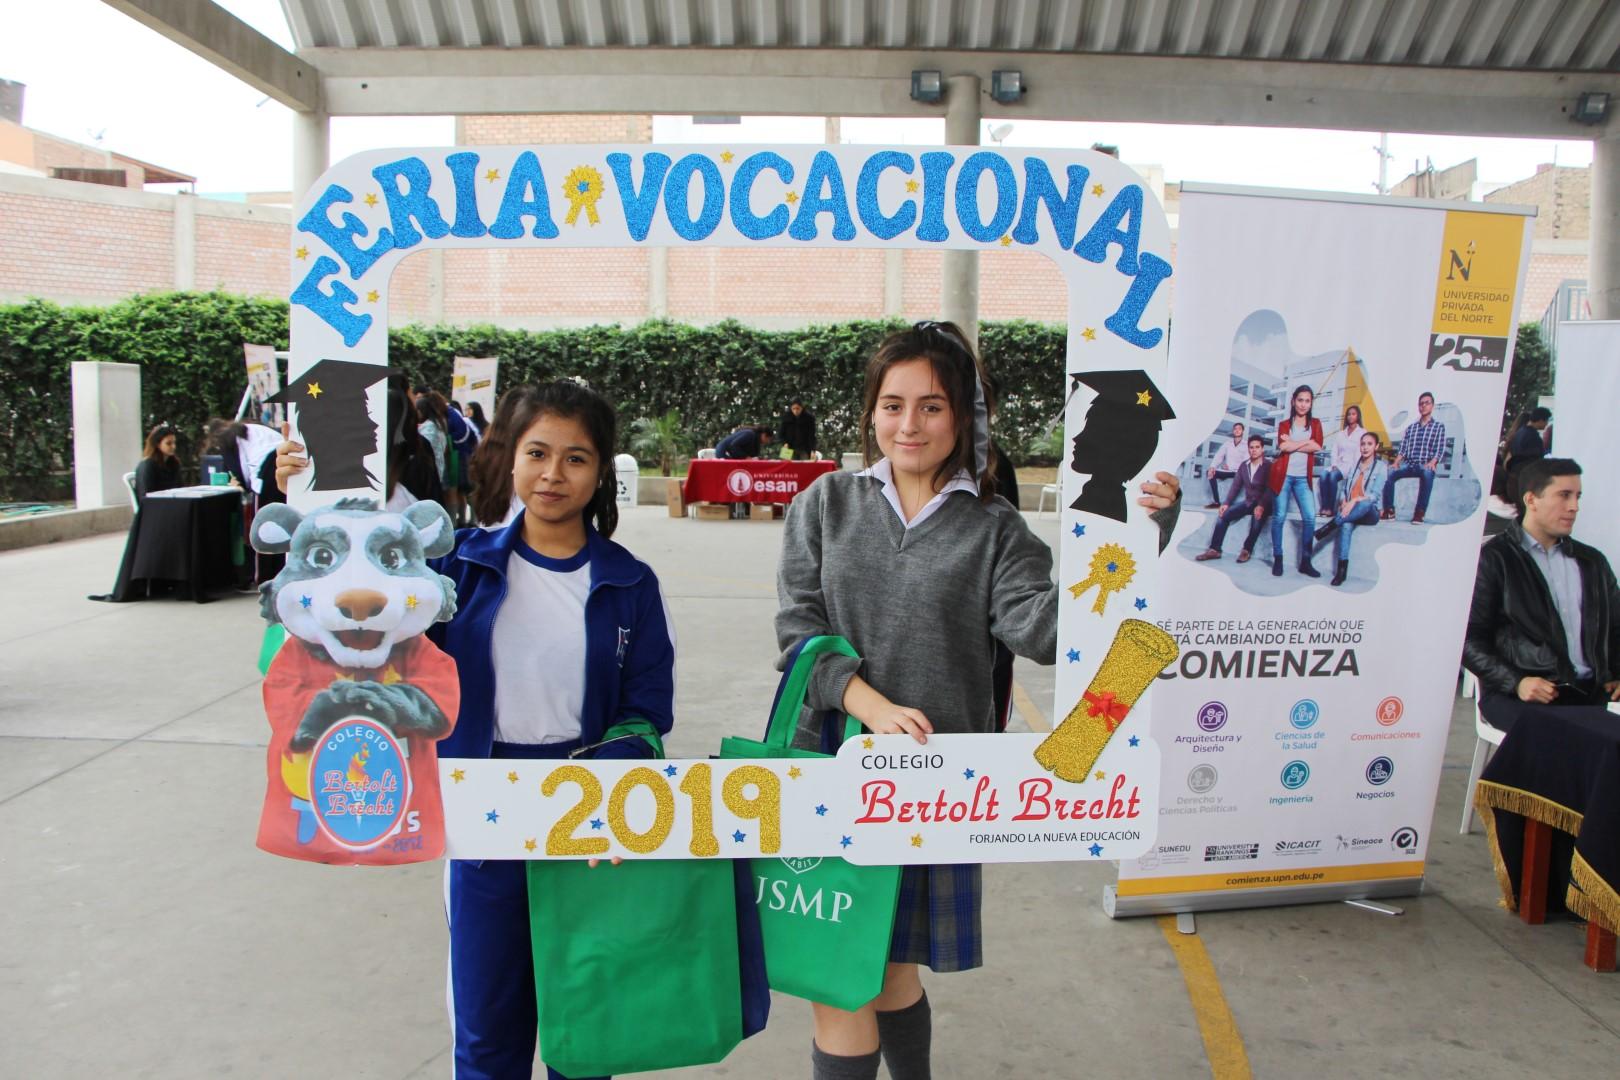 Feria vocacional 2019 (28)